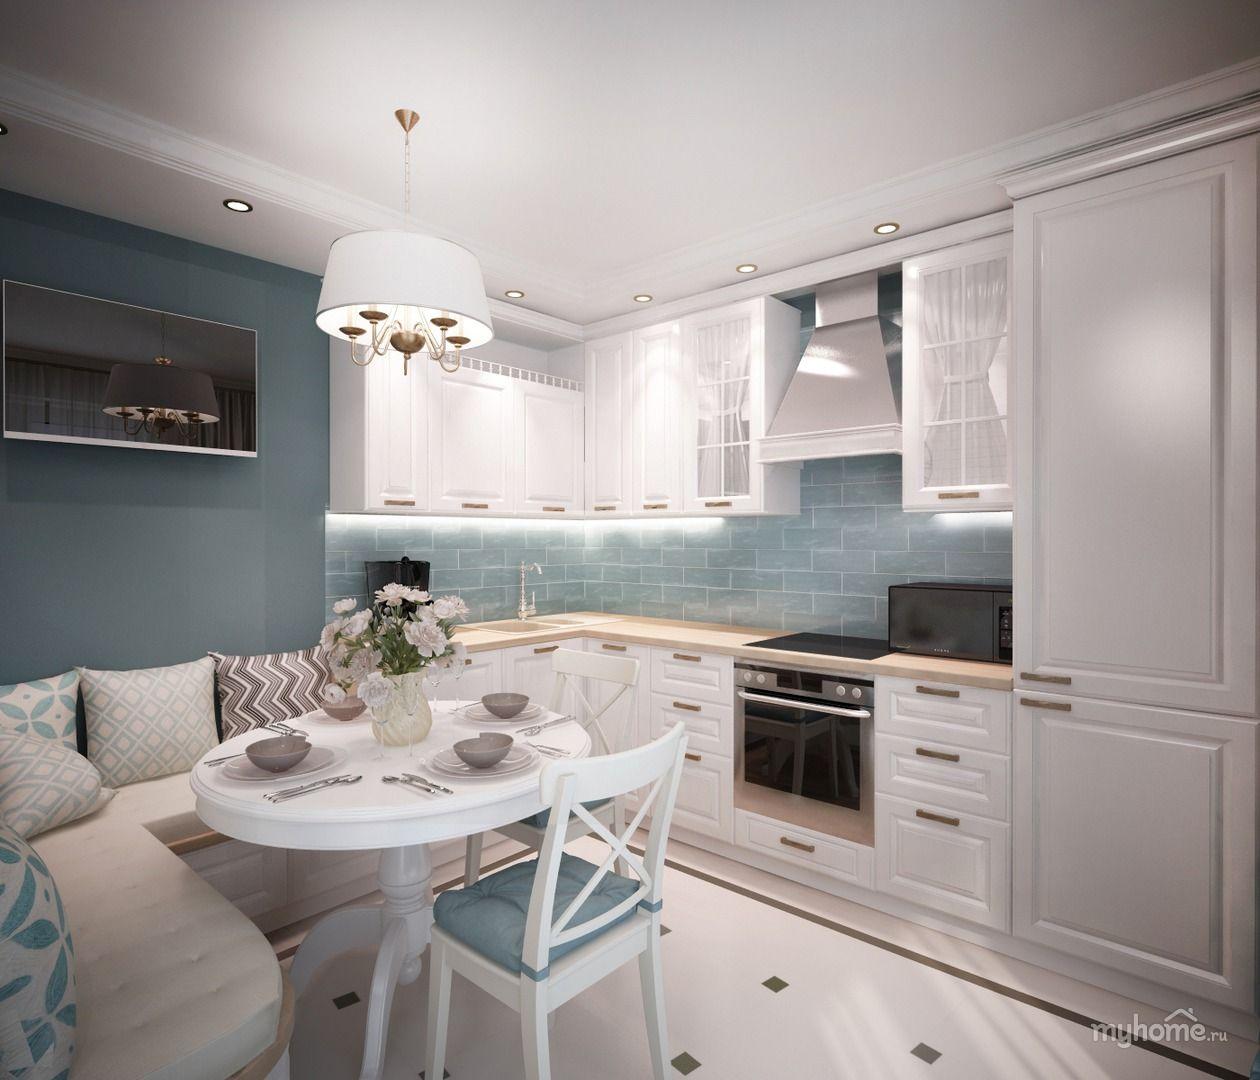 Esszimmermöbel schrank Небольшая угловая кухня в квартире на Семьи Шамшиных  home decor